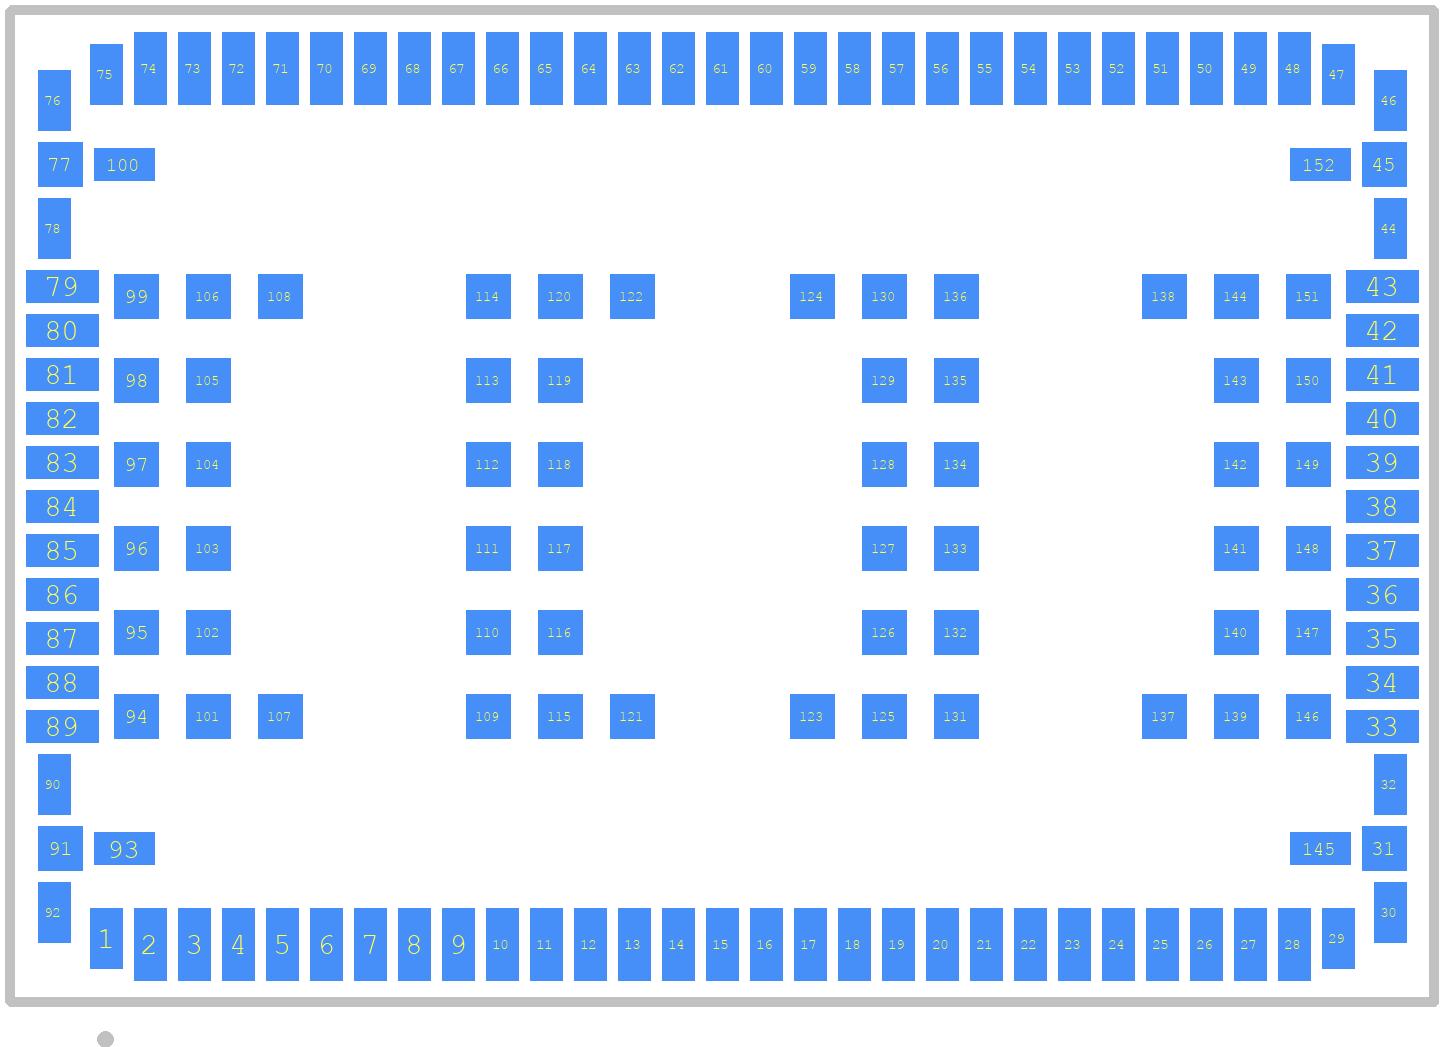 TOBY-L200-02S - U-Blox PCB footprint - Other - TOBY-L2